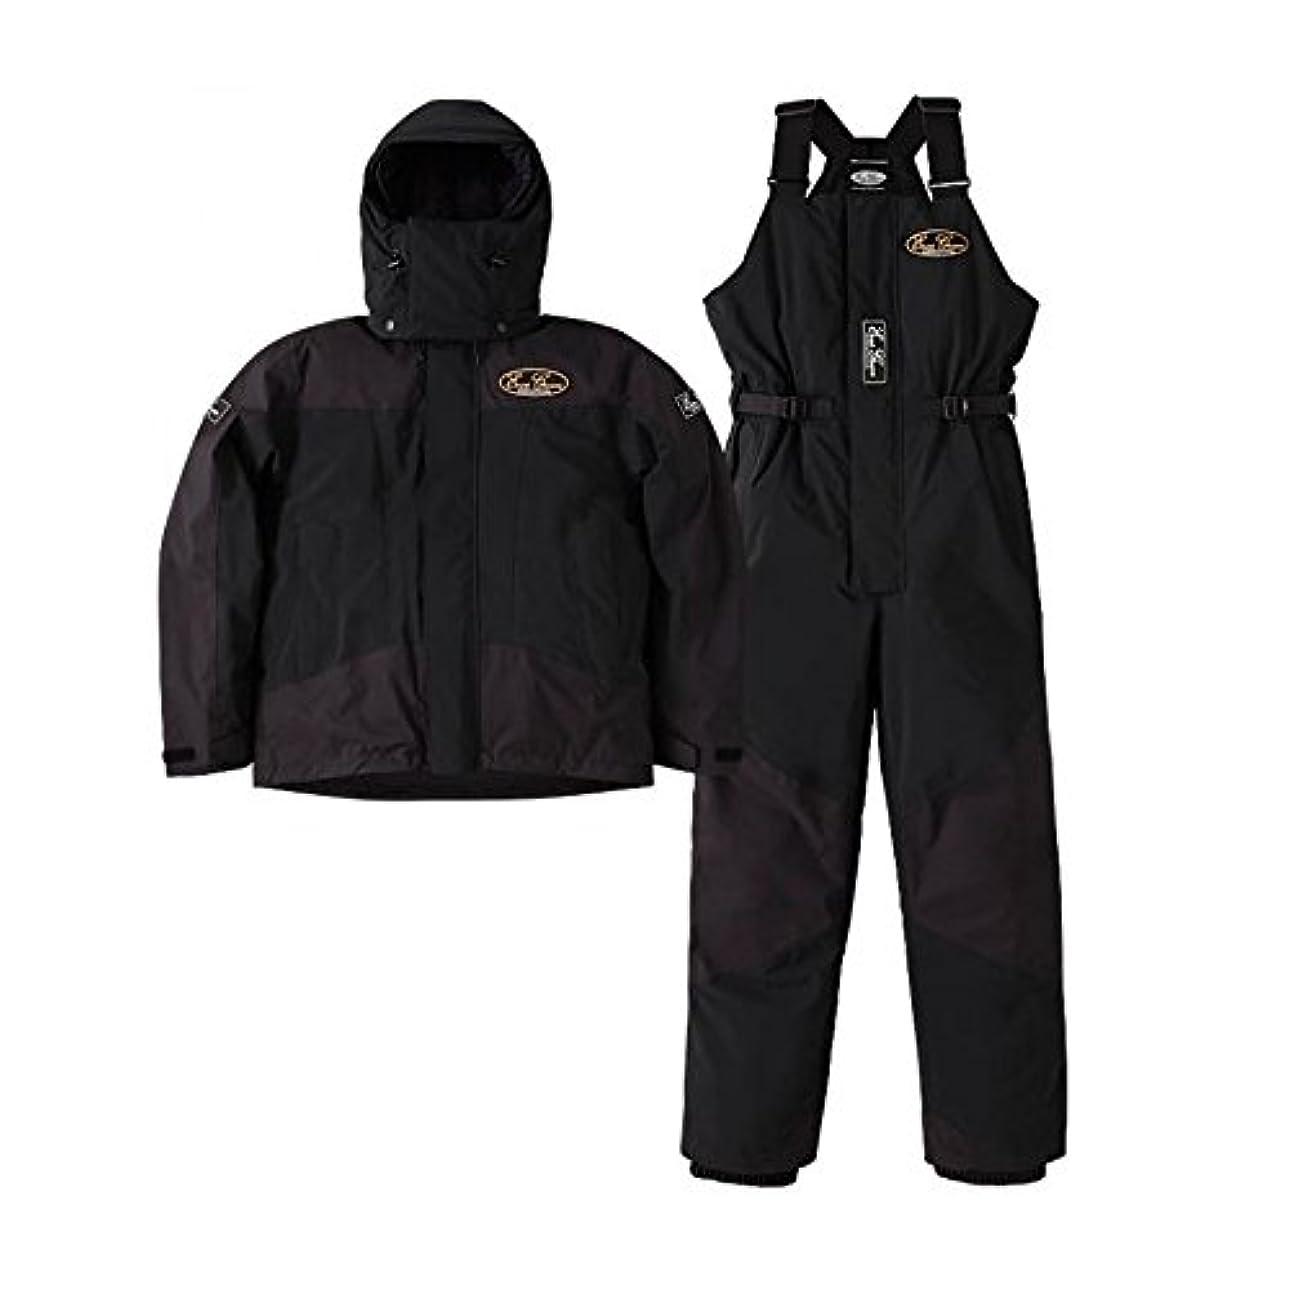 ブルゴーニュ先見の明バッフルエバーグリーン(EVERGREEN) EGホットスーツ EGHS-1 ブラック/ブラック ブラック/ブラック M